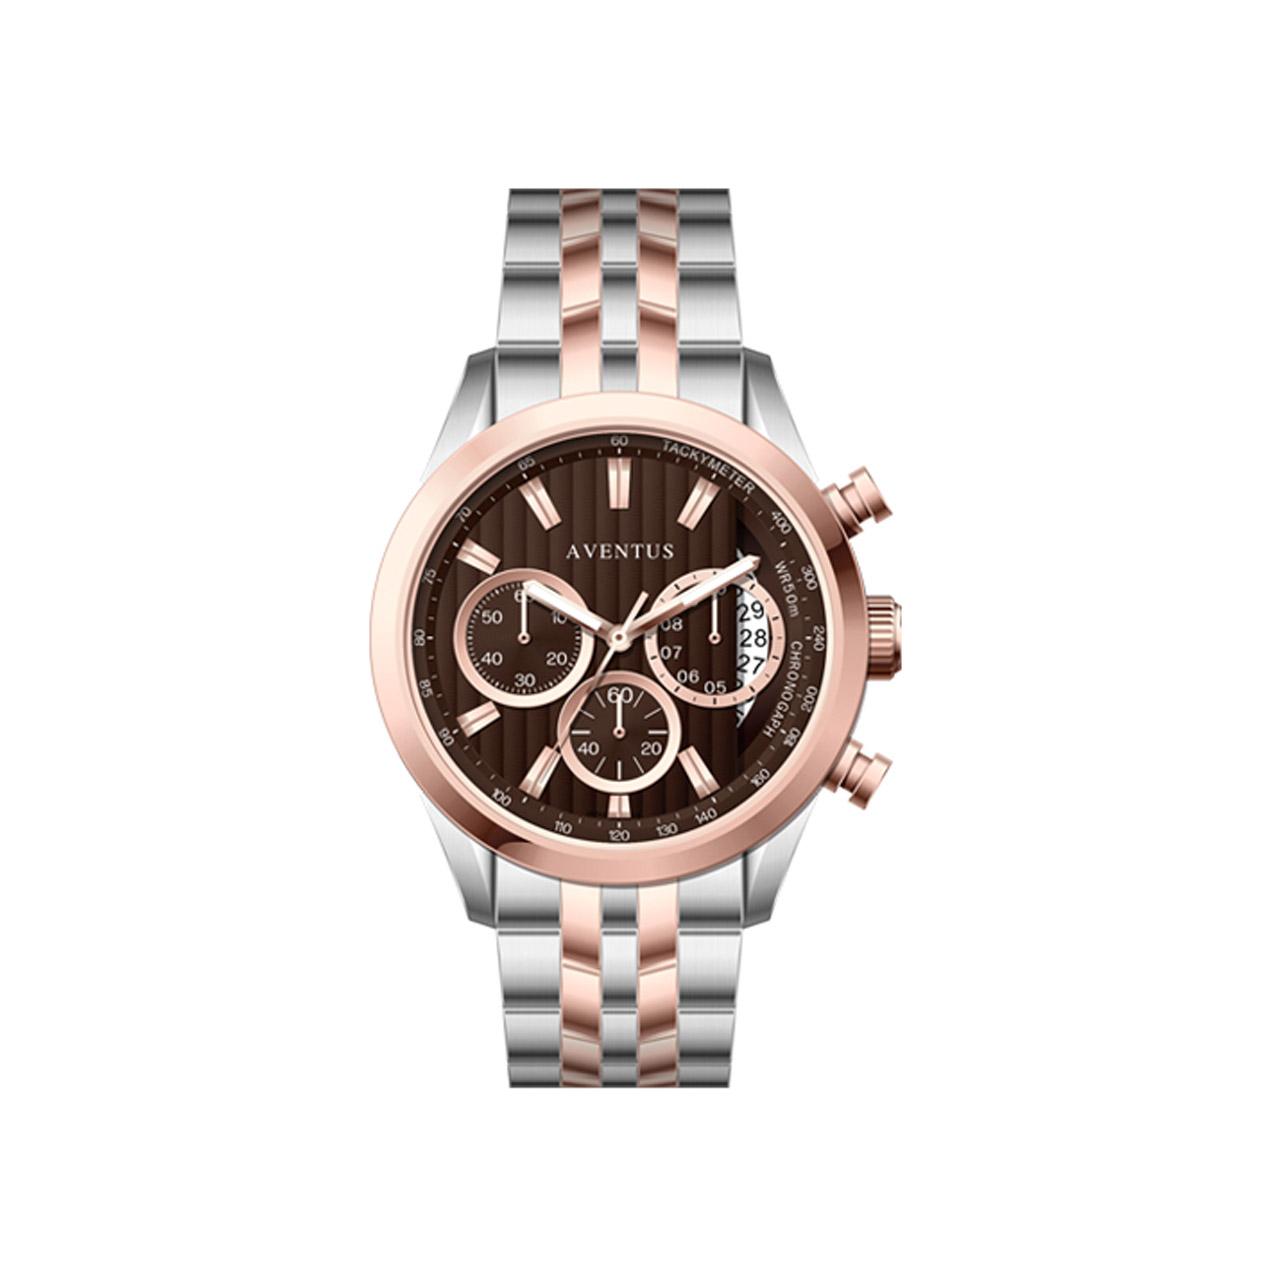 ساعت مچی عقربه ای زنانه اونتوس مدل 1346-6LBR 15